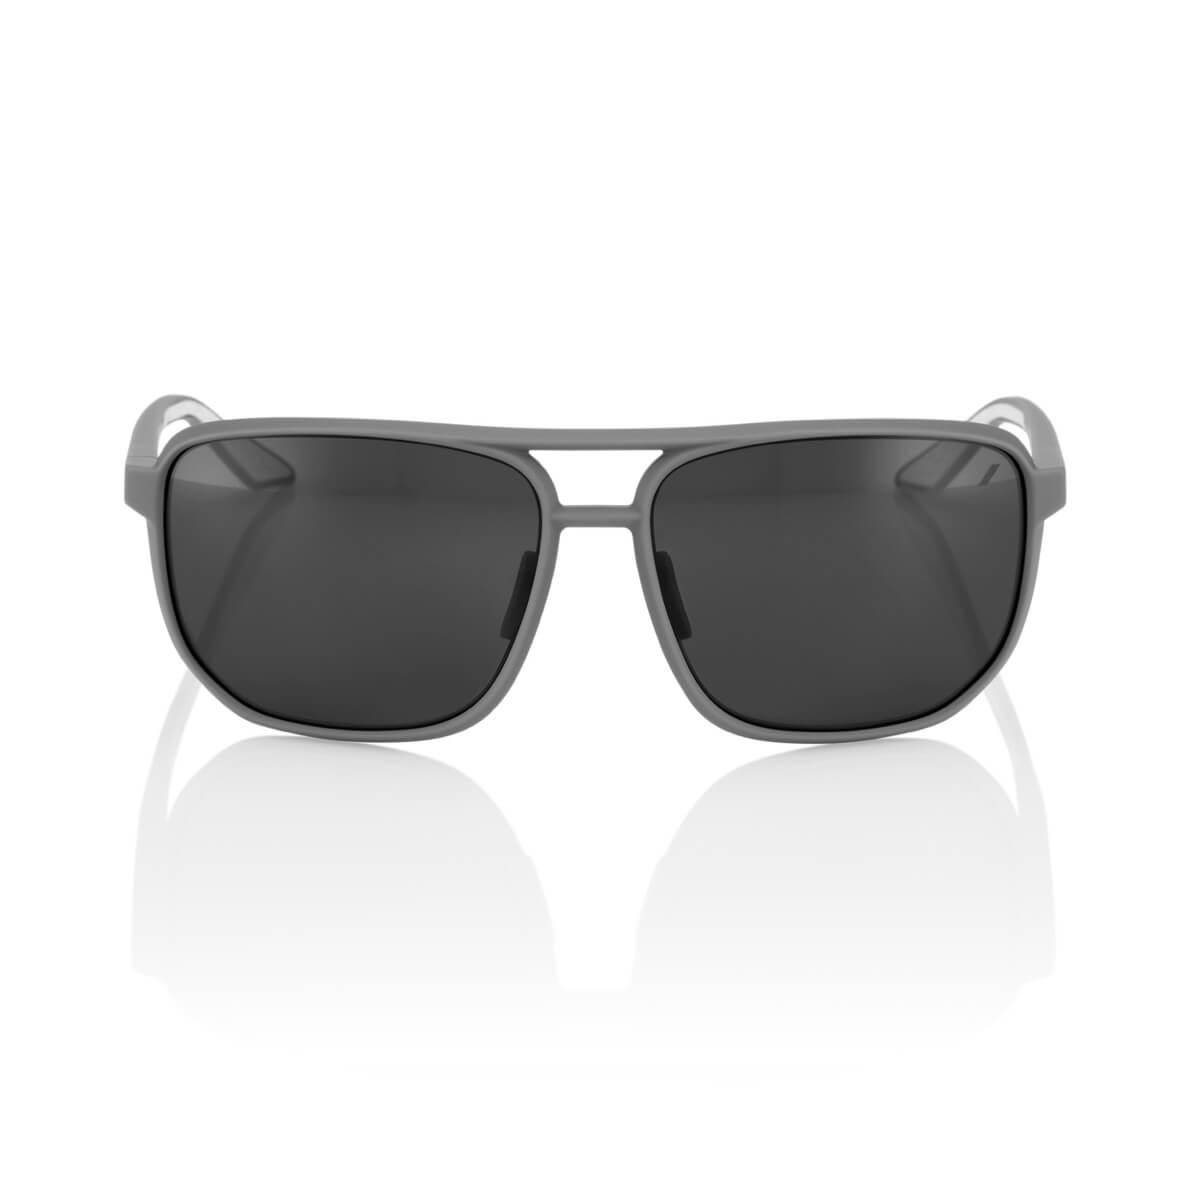 KONNOR Aviator Square – Soft Tact Dark Haze – Smoke Lens